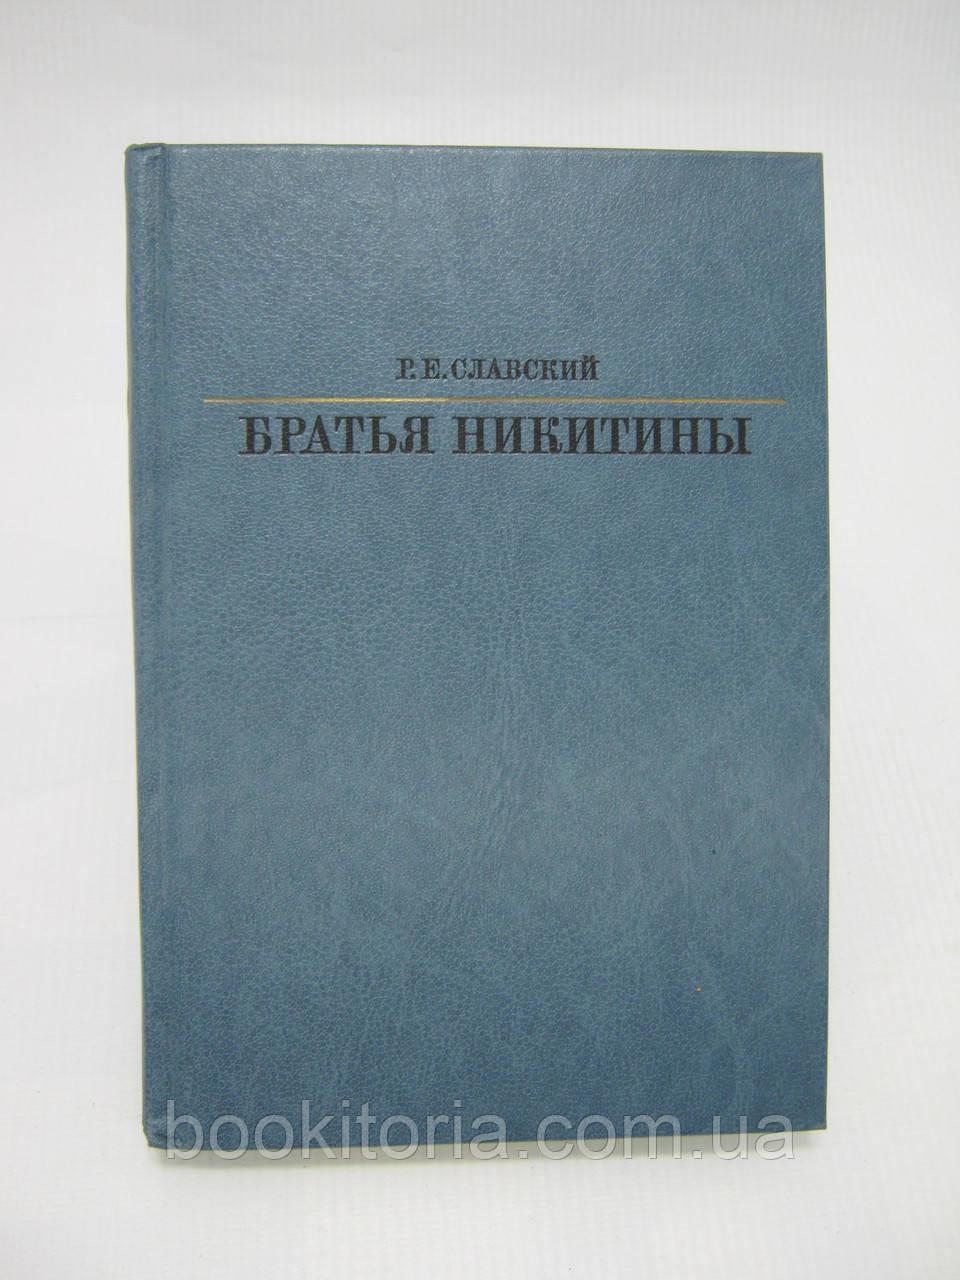 Славский Р.Е. Братья Никитины (б/у).